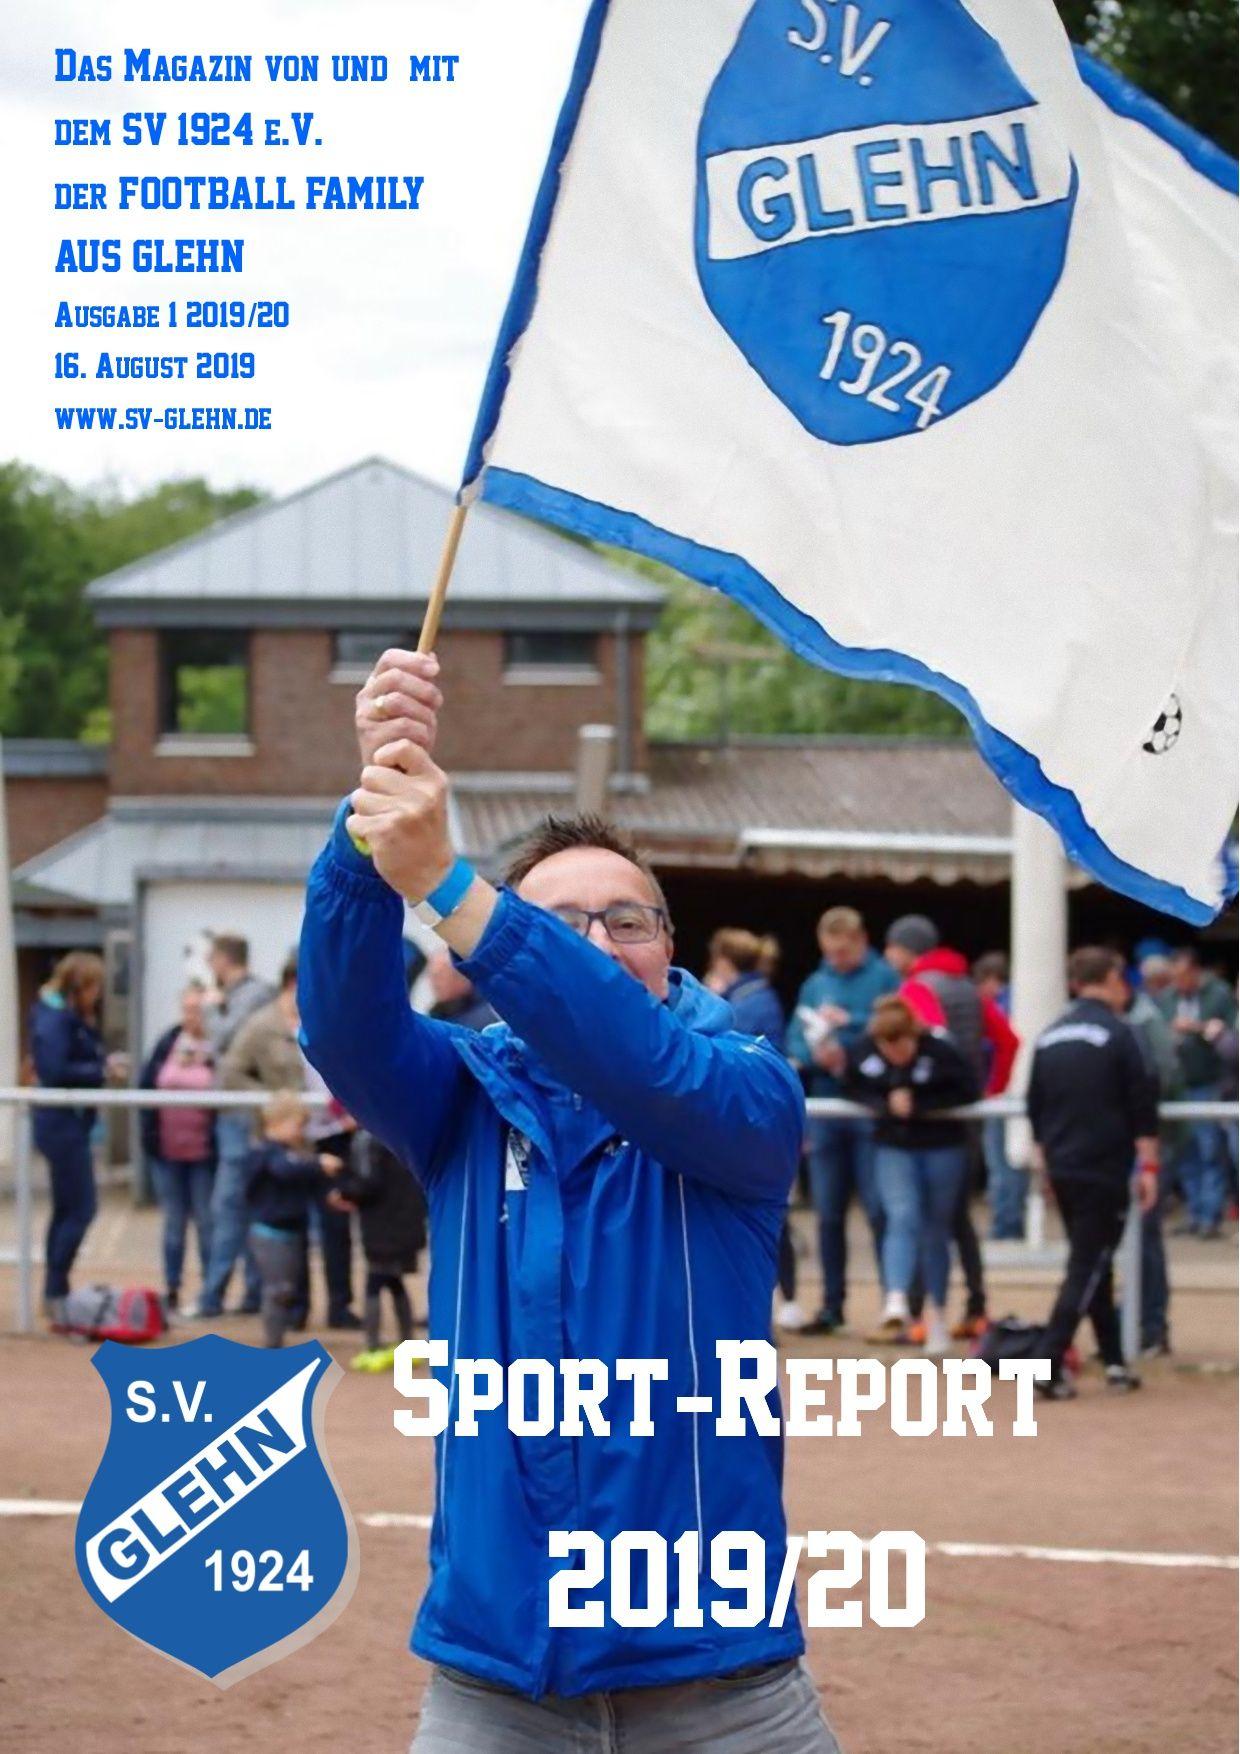 Der Sport-Report - 2019/20 | SV 1924 Glehn e.V.